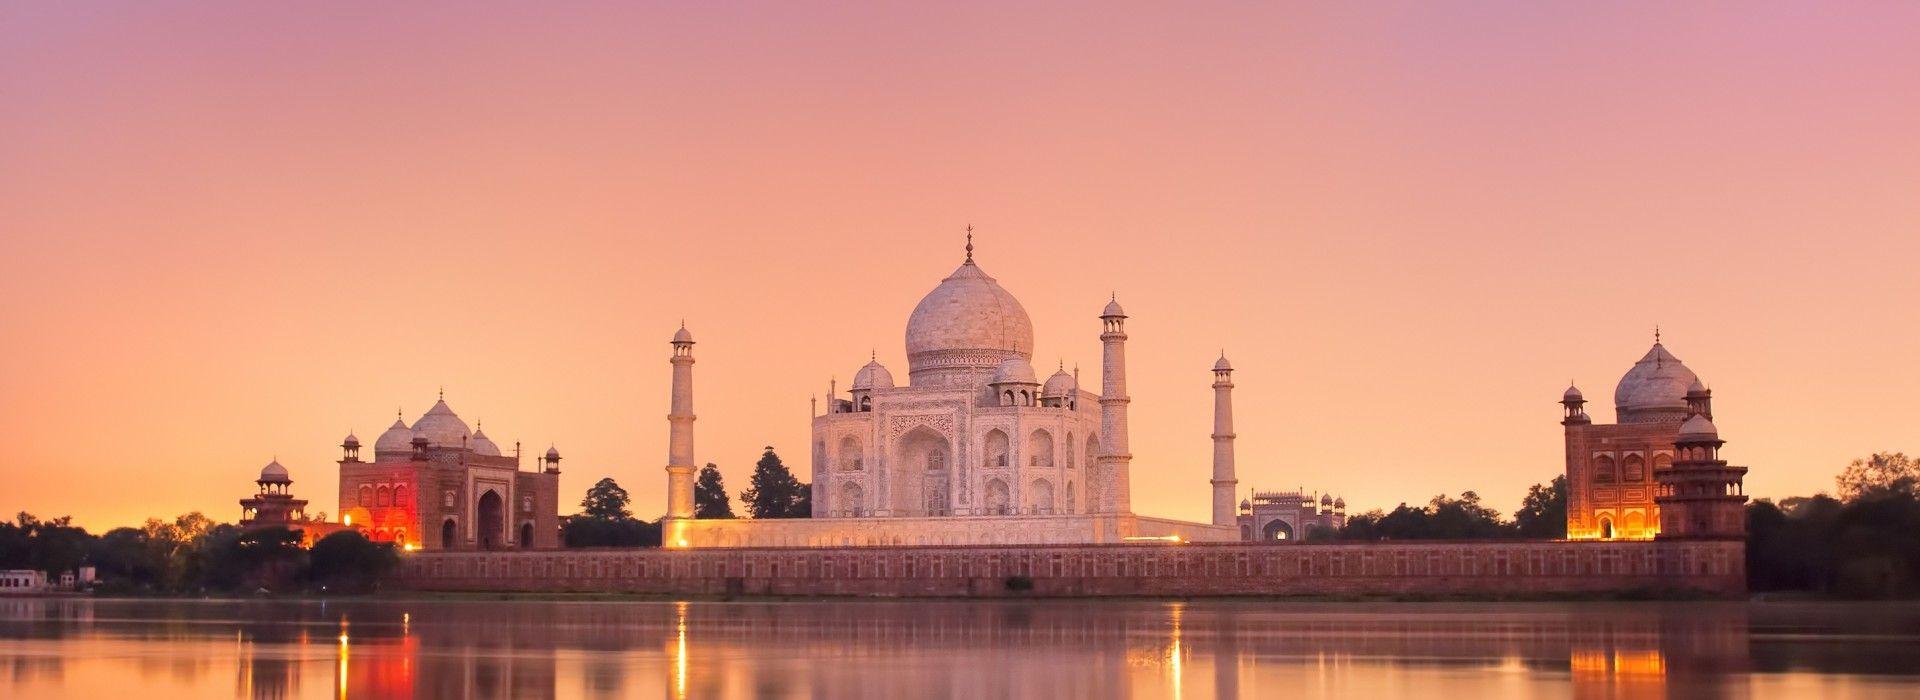 Explorer Tours in India